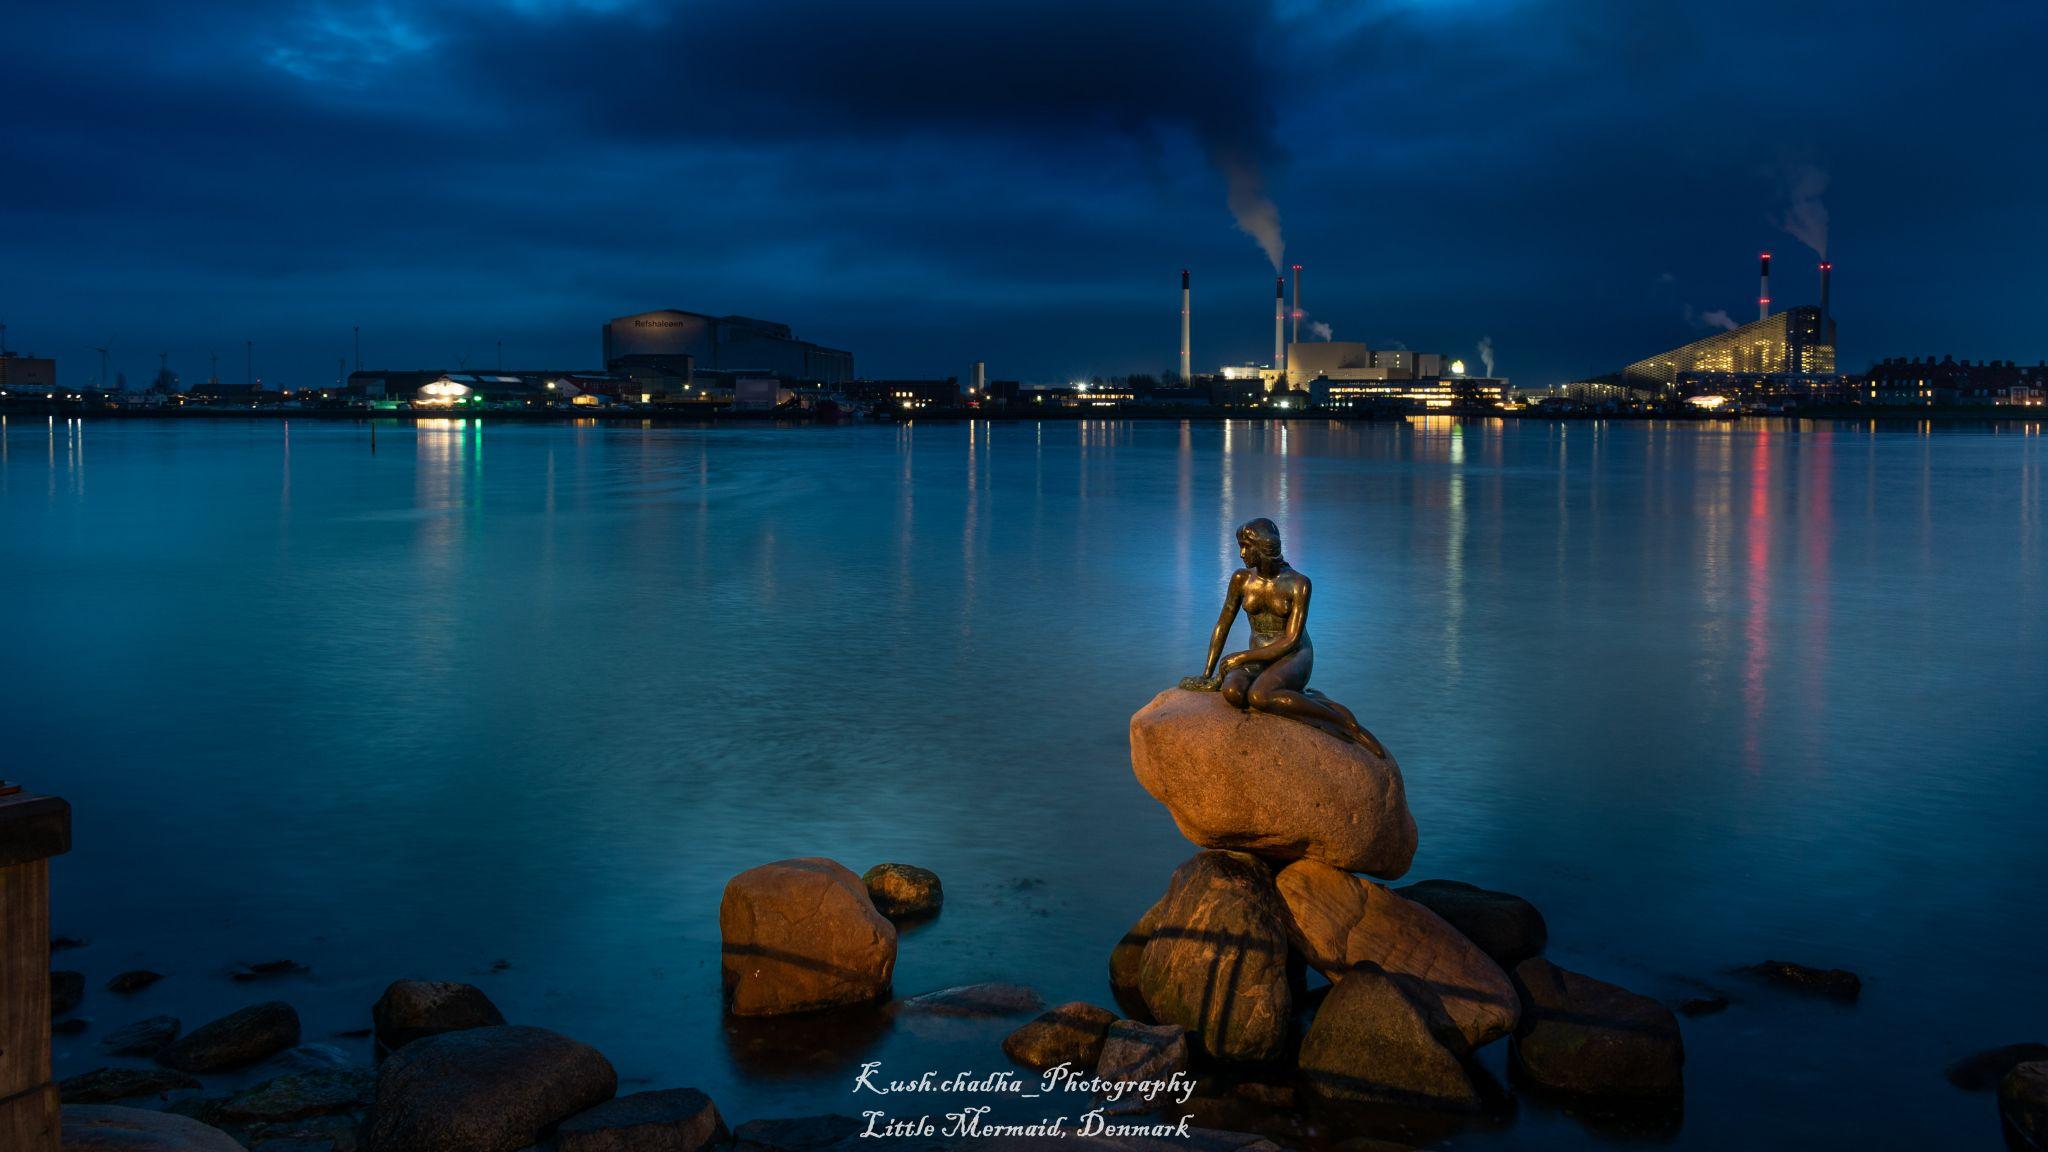 Little mermaid, Denmark